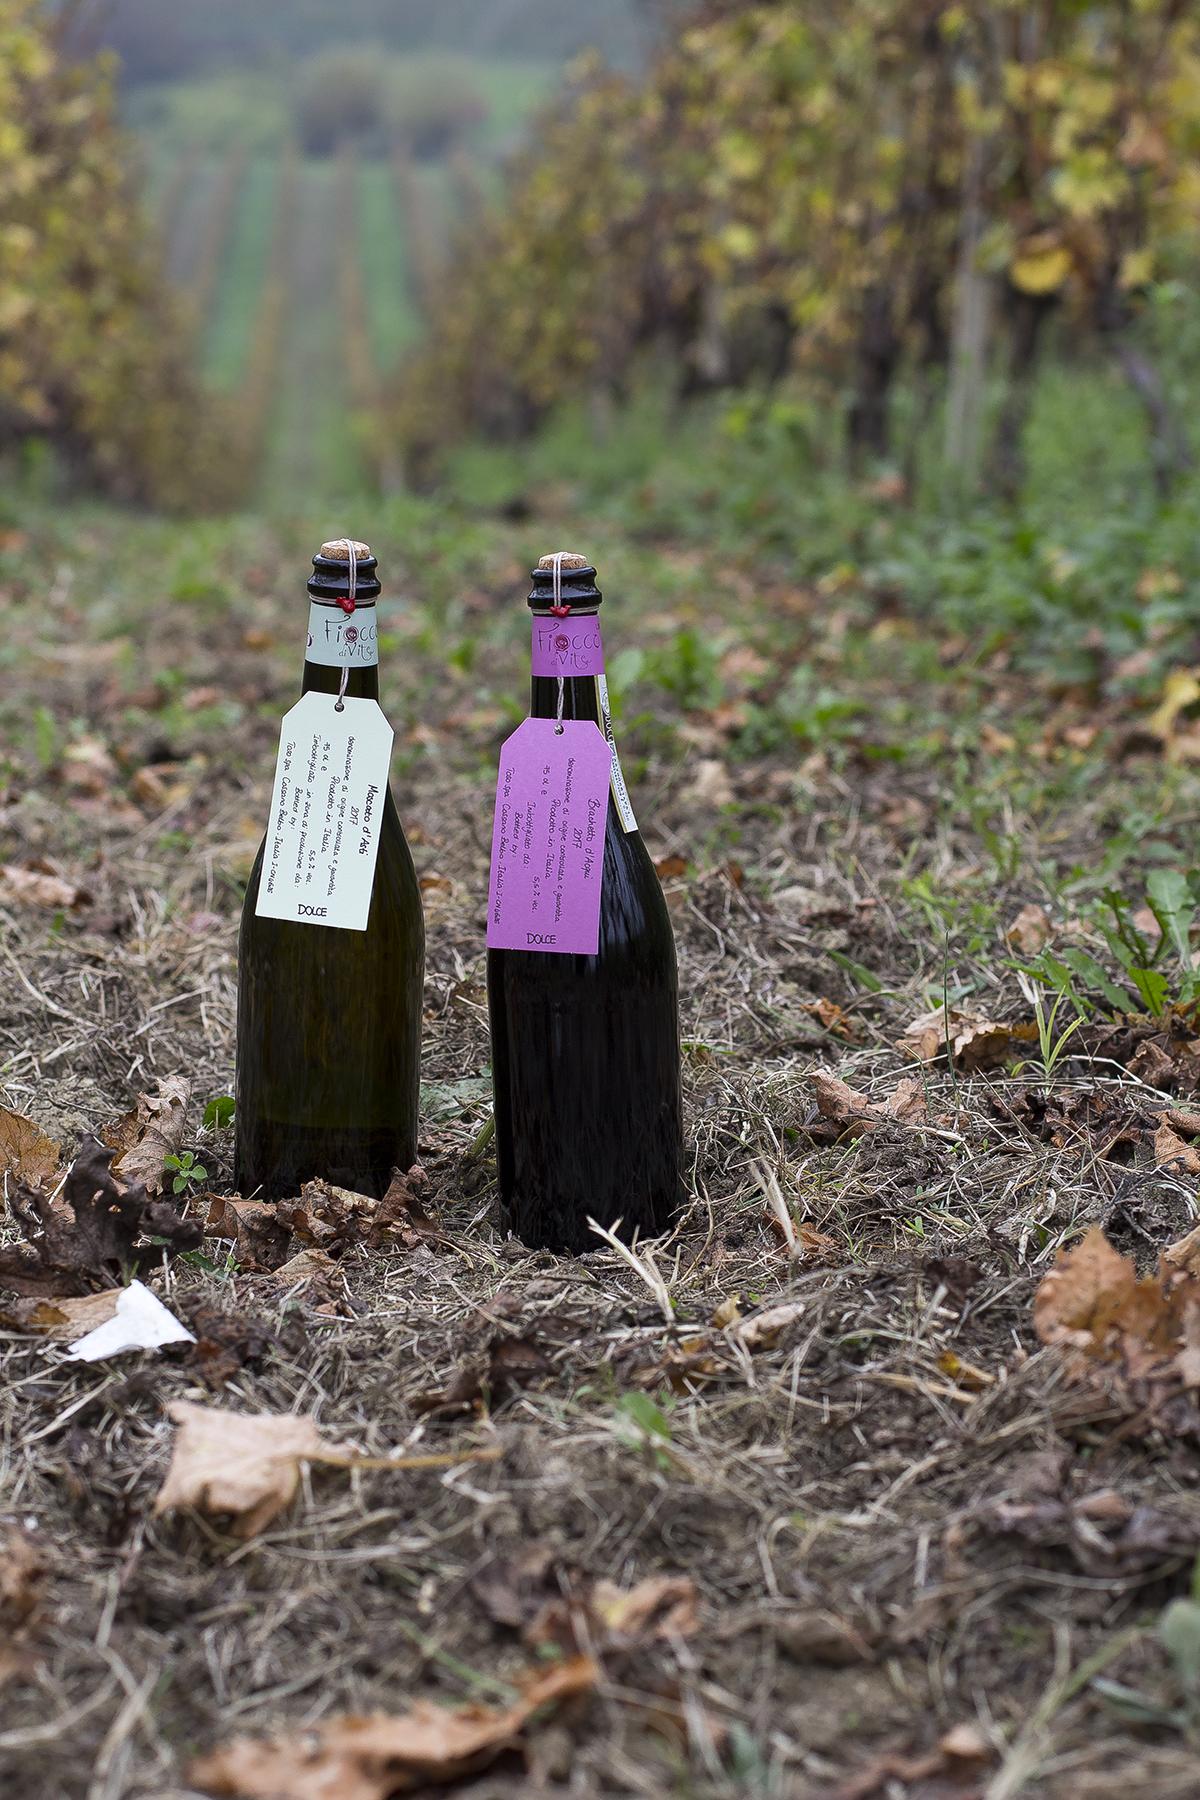 Fiocco Di Vite Piemonte Doc Bianco Fiocco Di Vite Vino Frizzante 6 Bottiglie 6x75cl